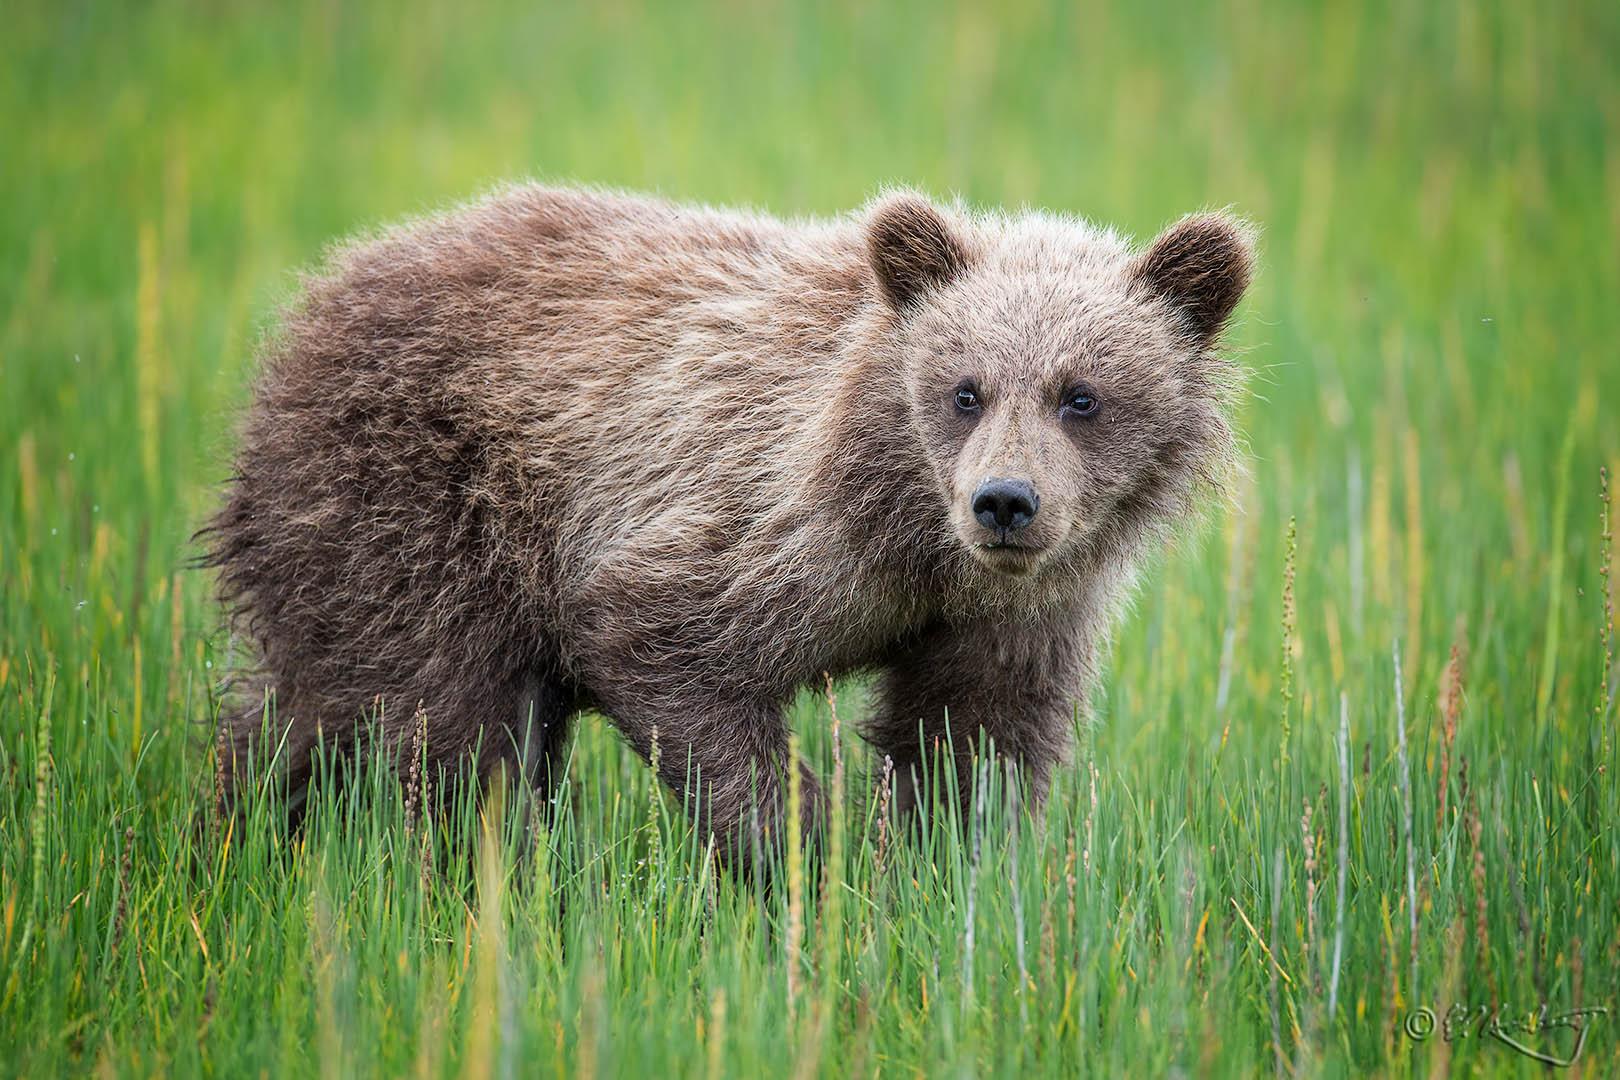 Grizlly_Cub_-_curious